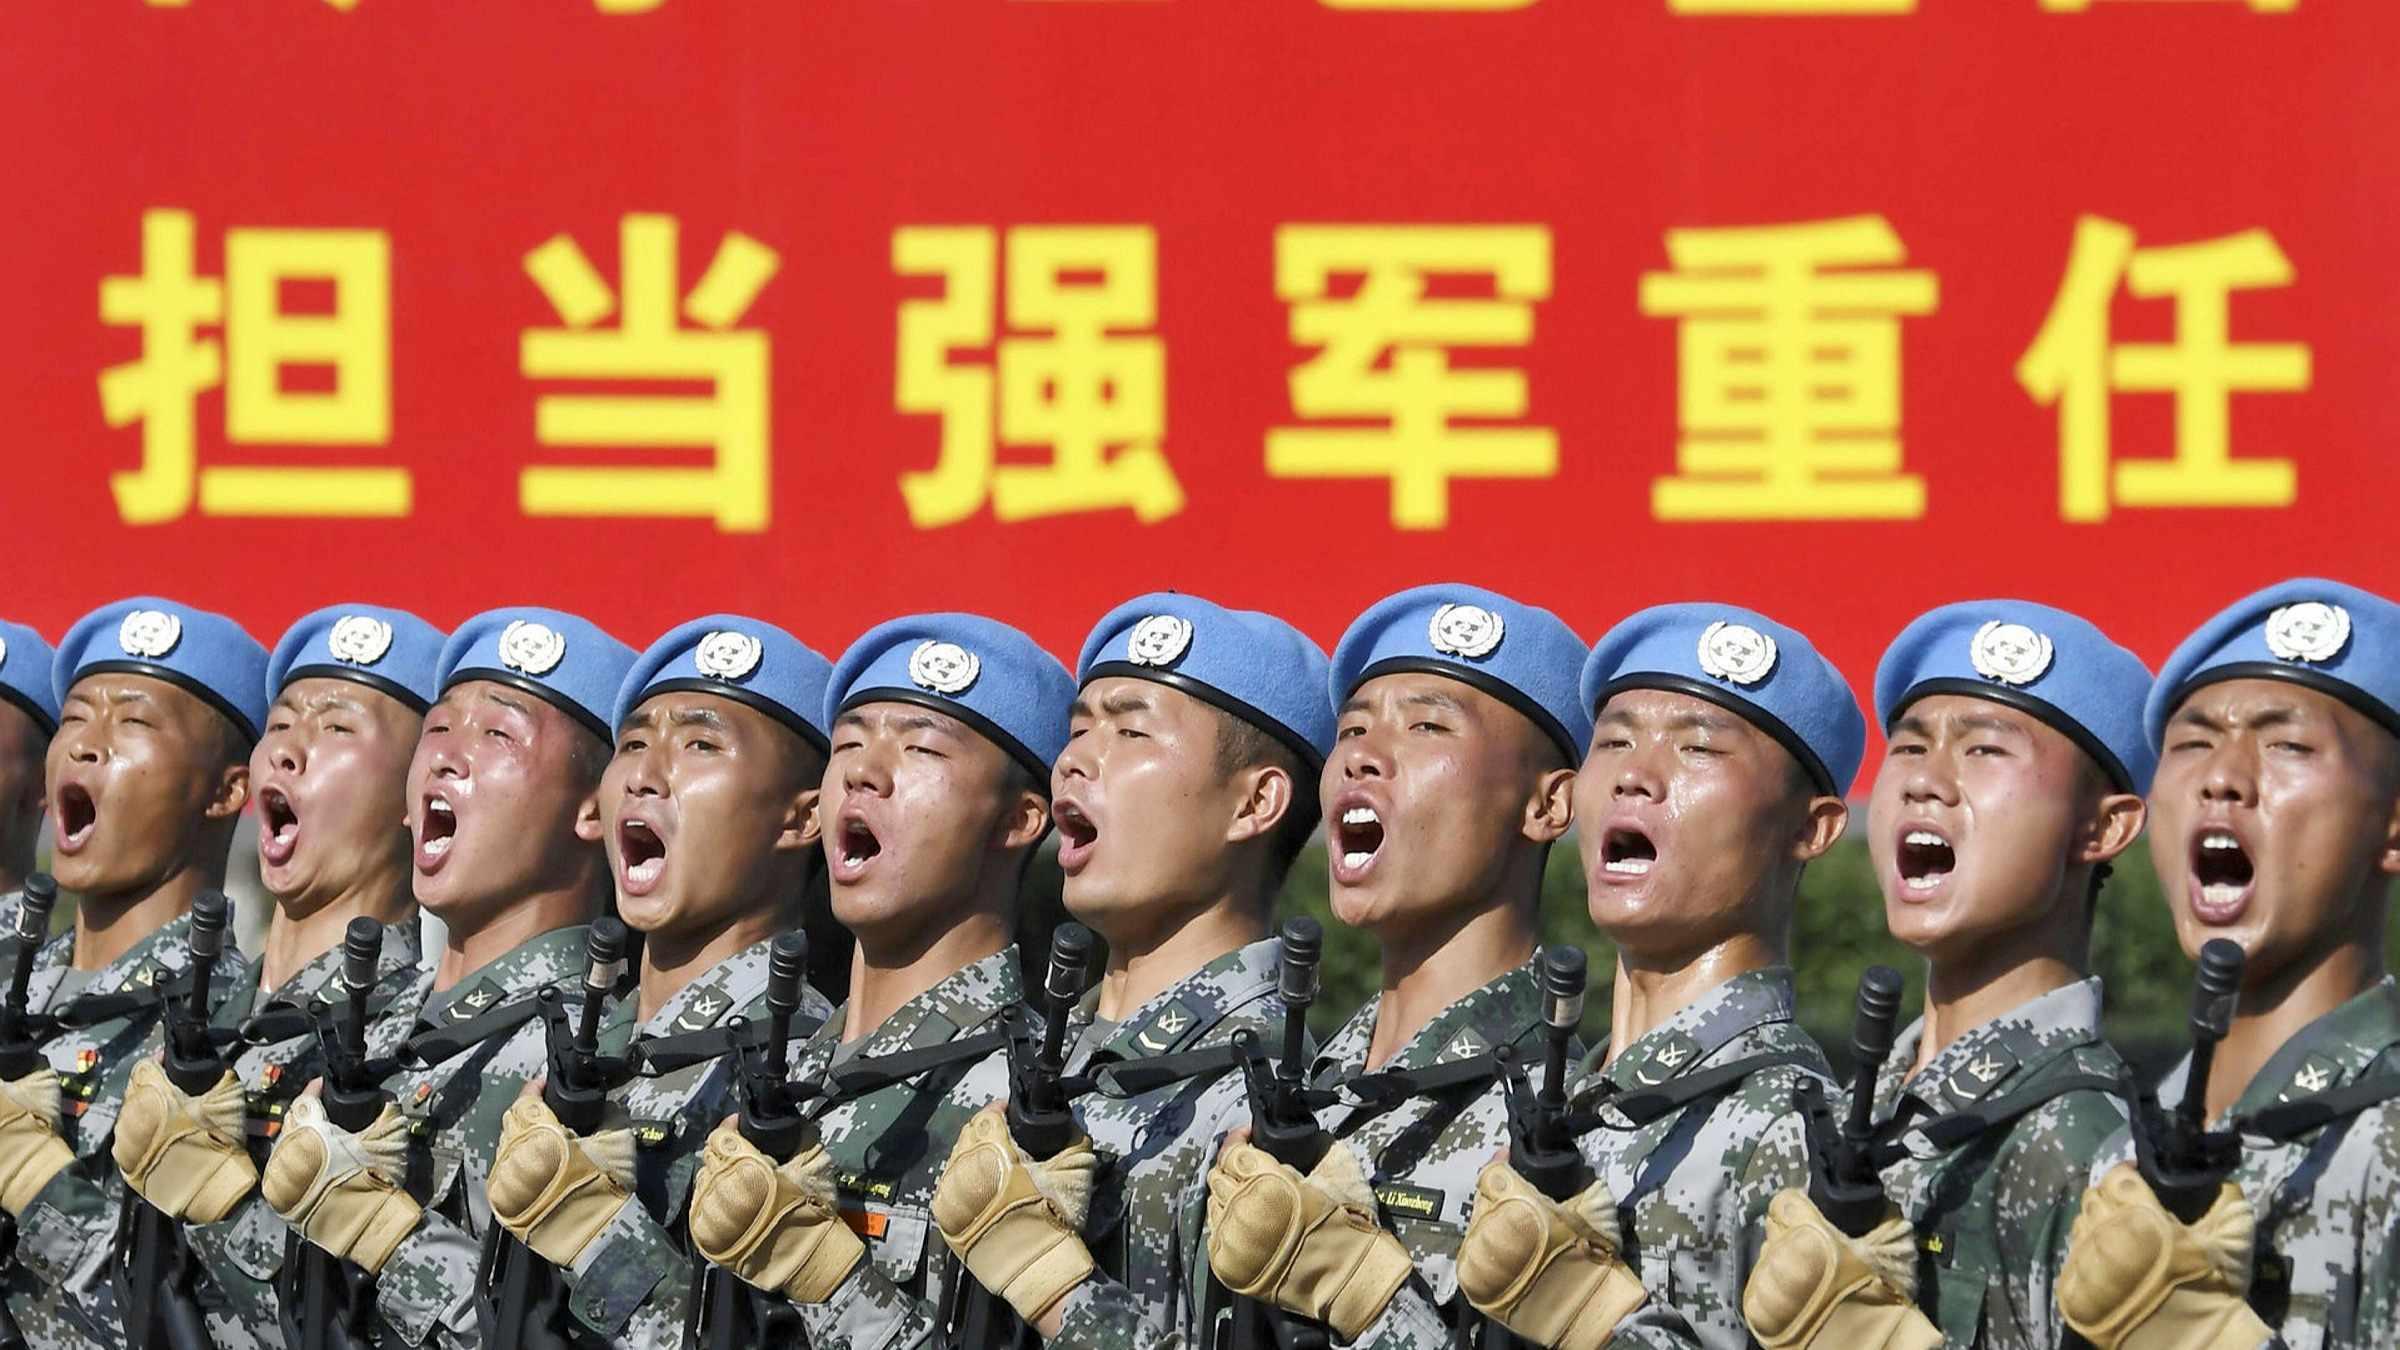 g7 china australia support wto